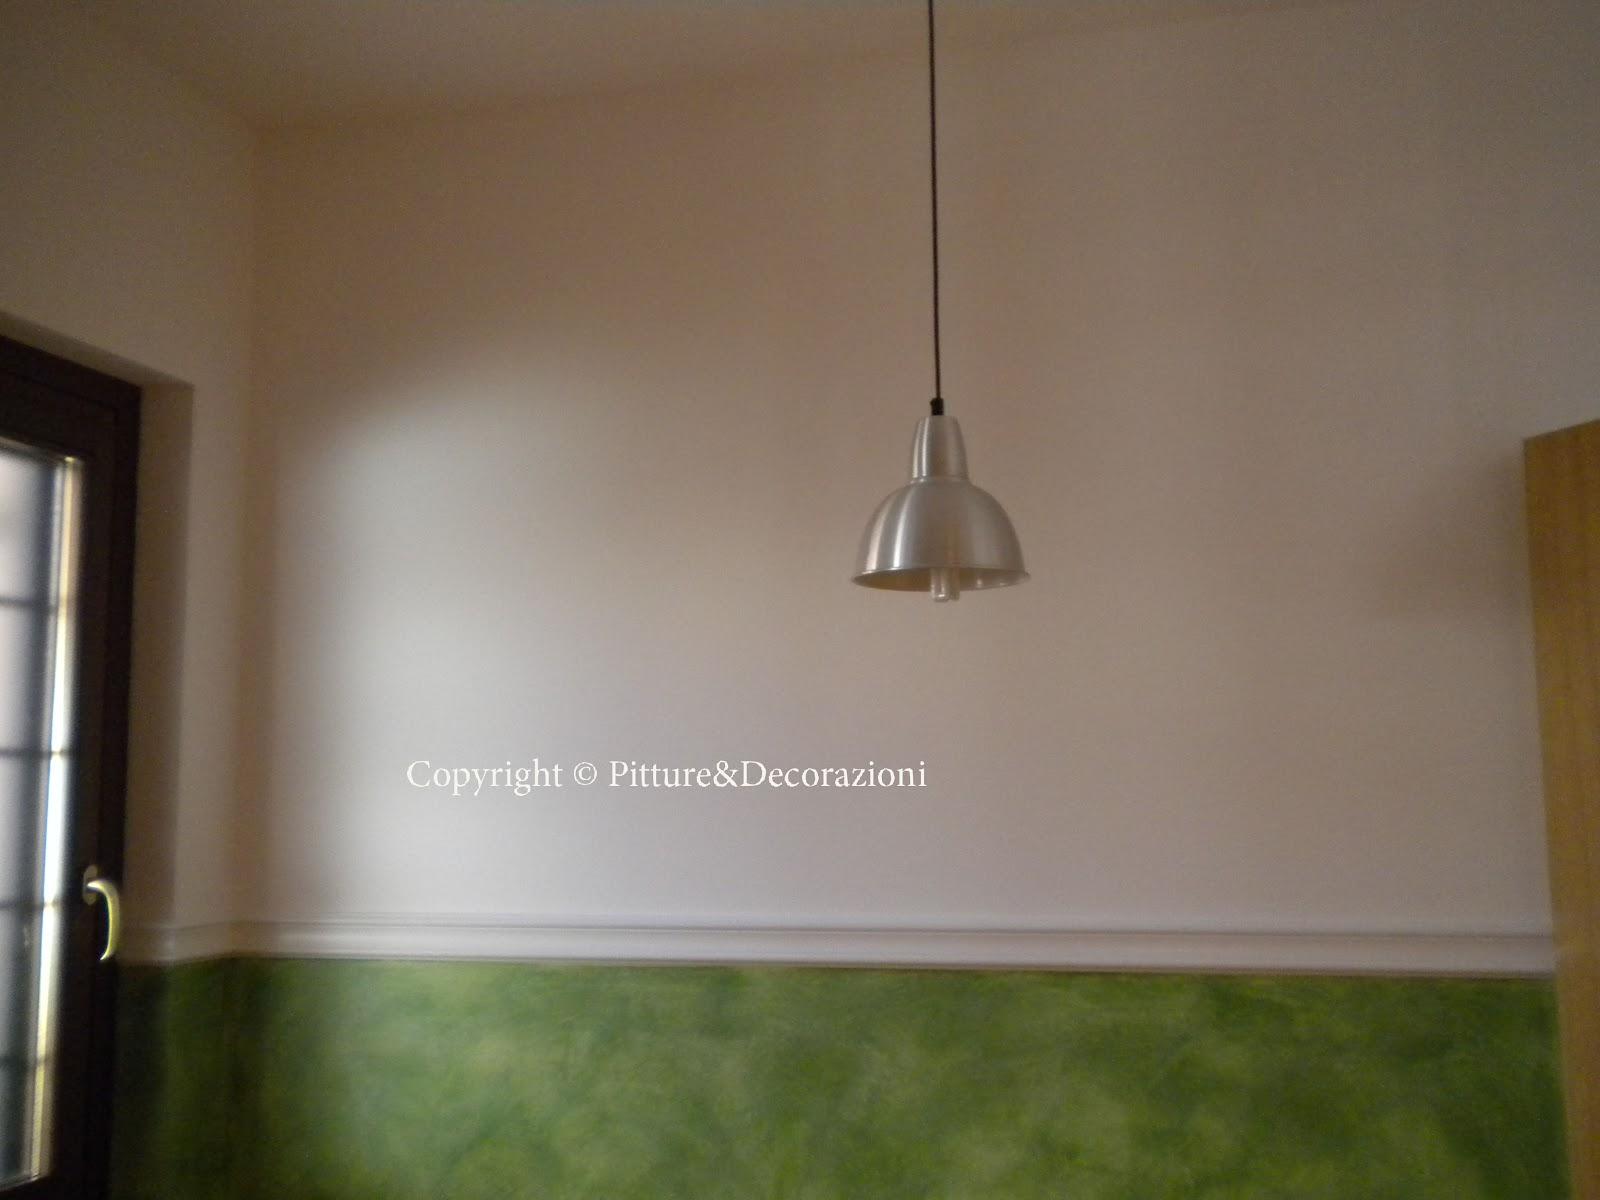 Pitture&decorazioni: agosto 2012